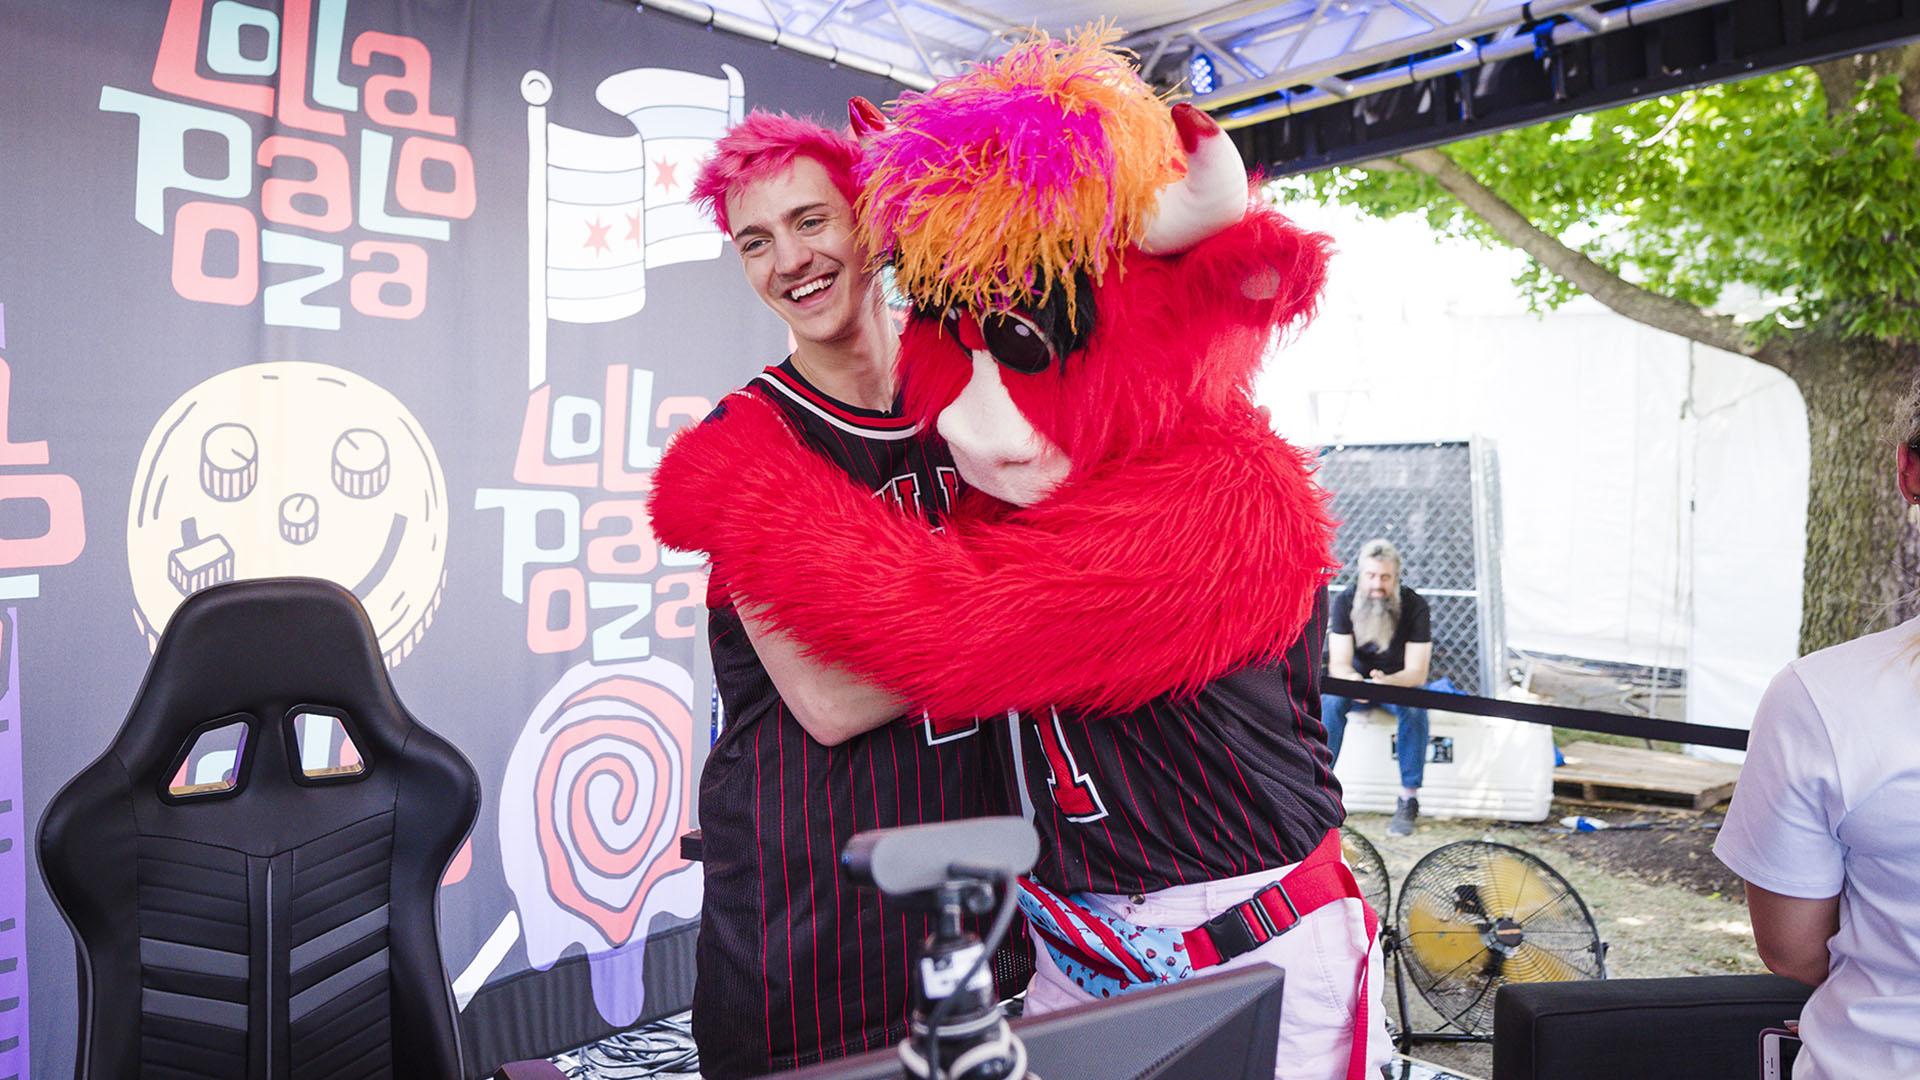 Ninja, la superestrella del gaming, junto con Benny, la popular mascota de los Chicago Bulls.